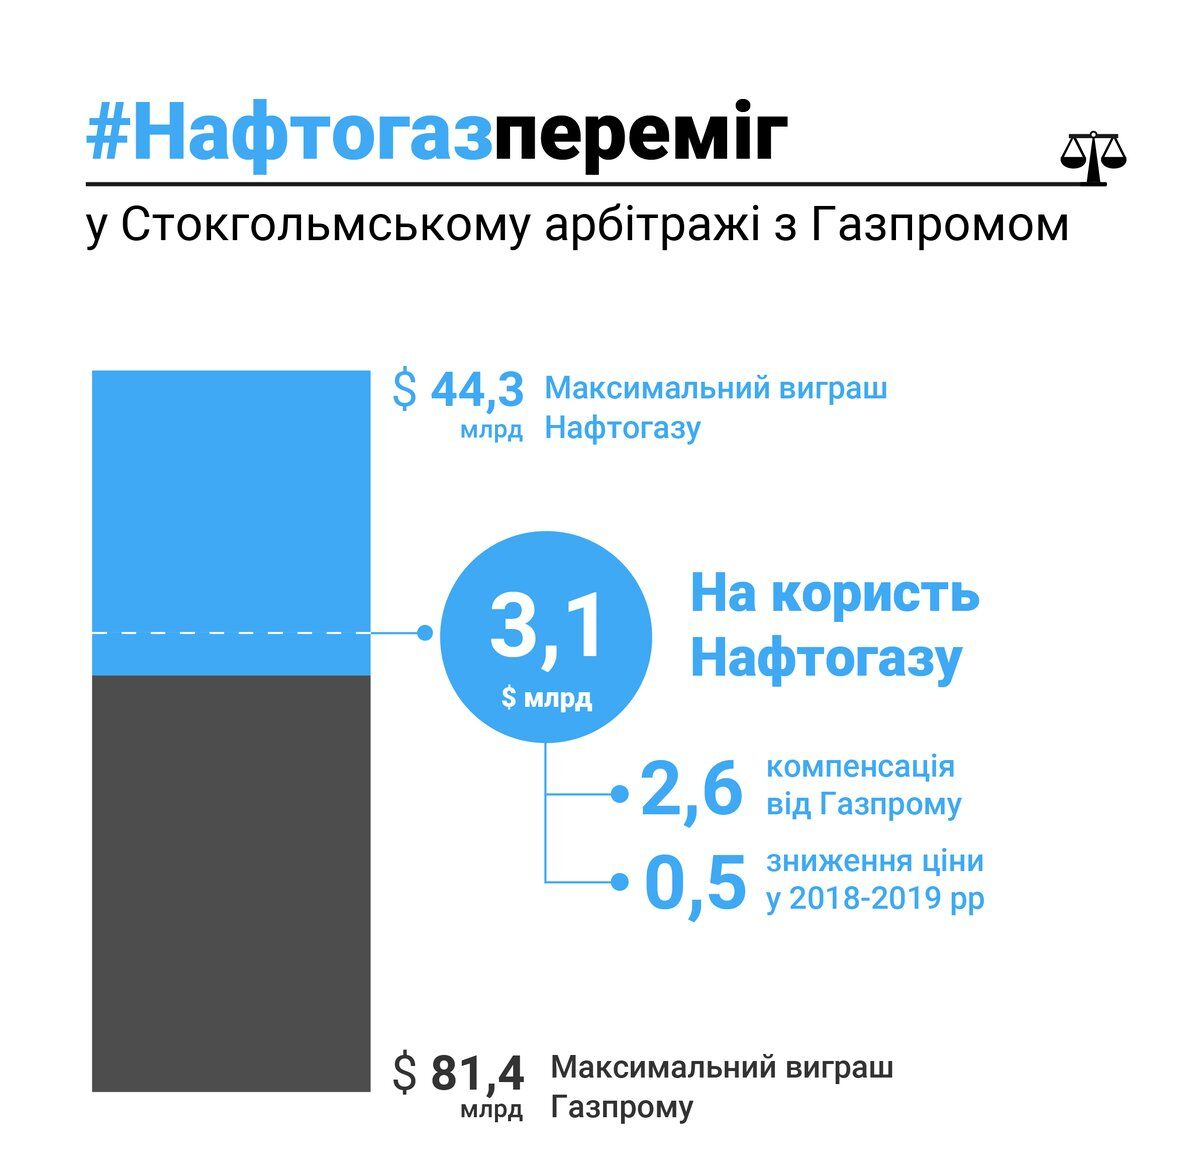 """""""Нафтогаз"""" выиграл важнейший суд у """"Газпрома"""": все подробности"""